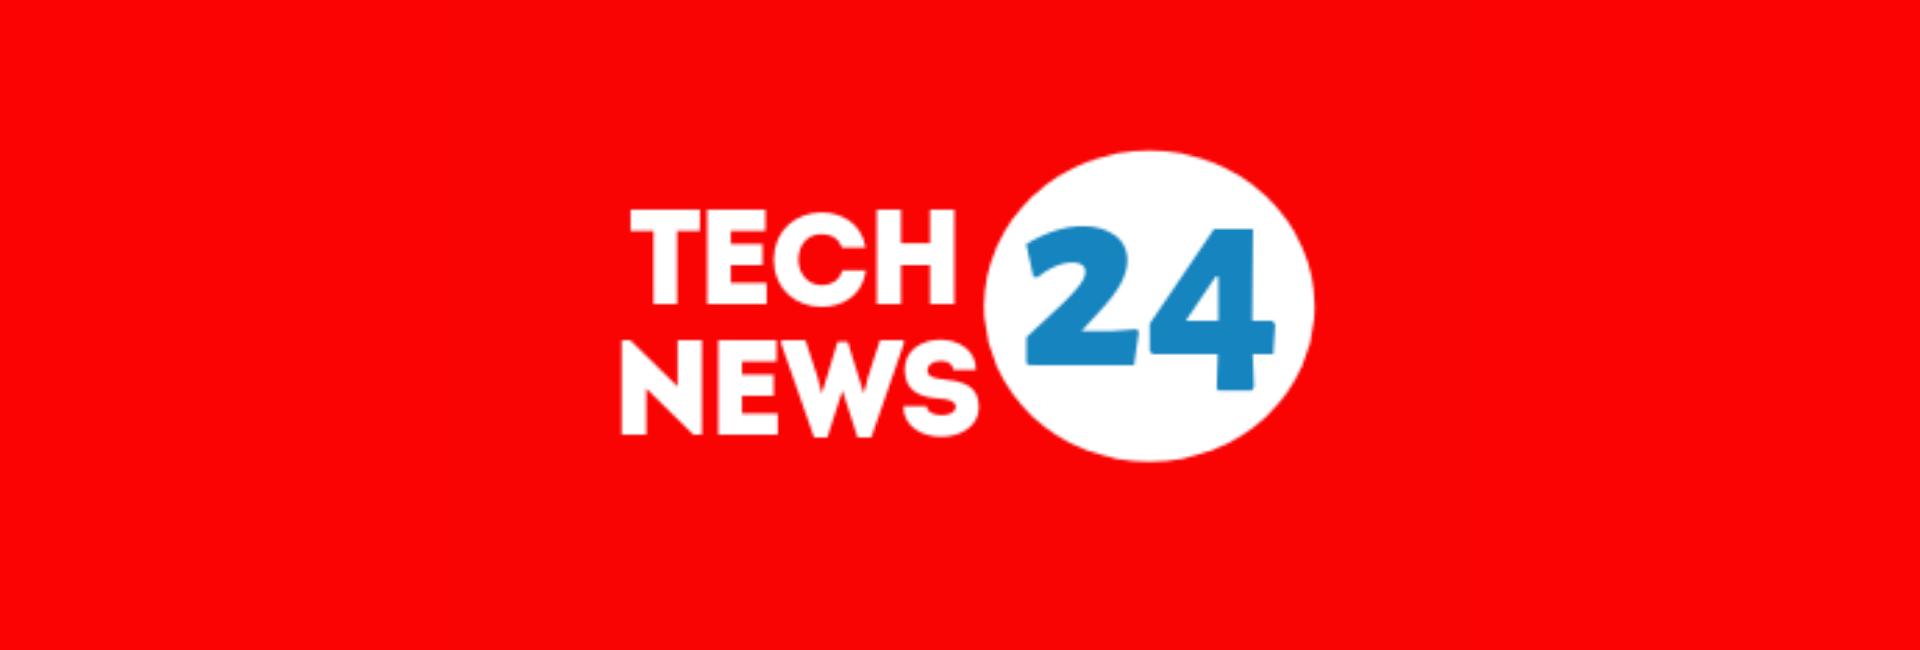 Technews24